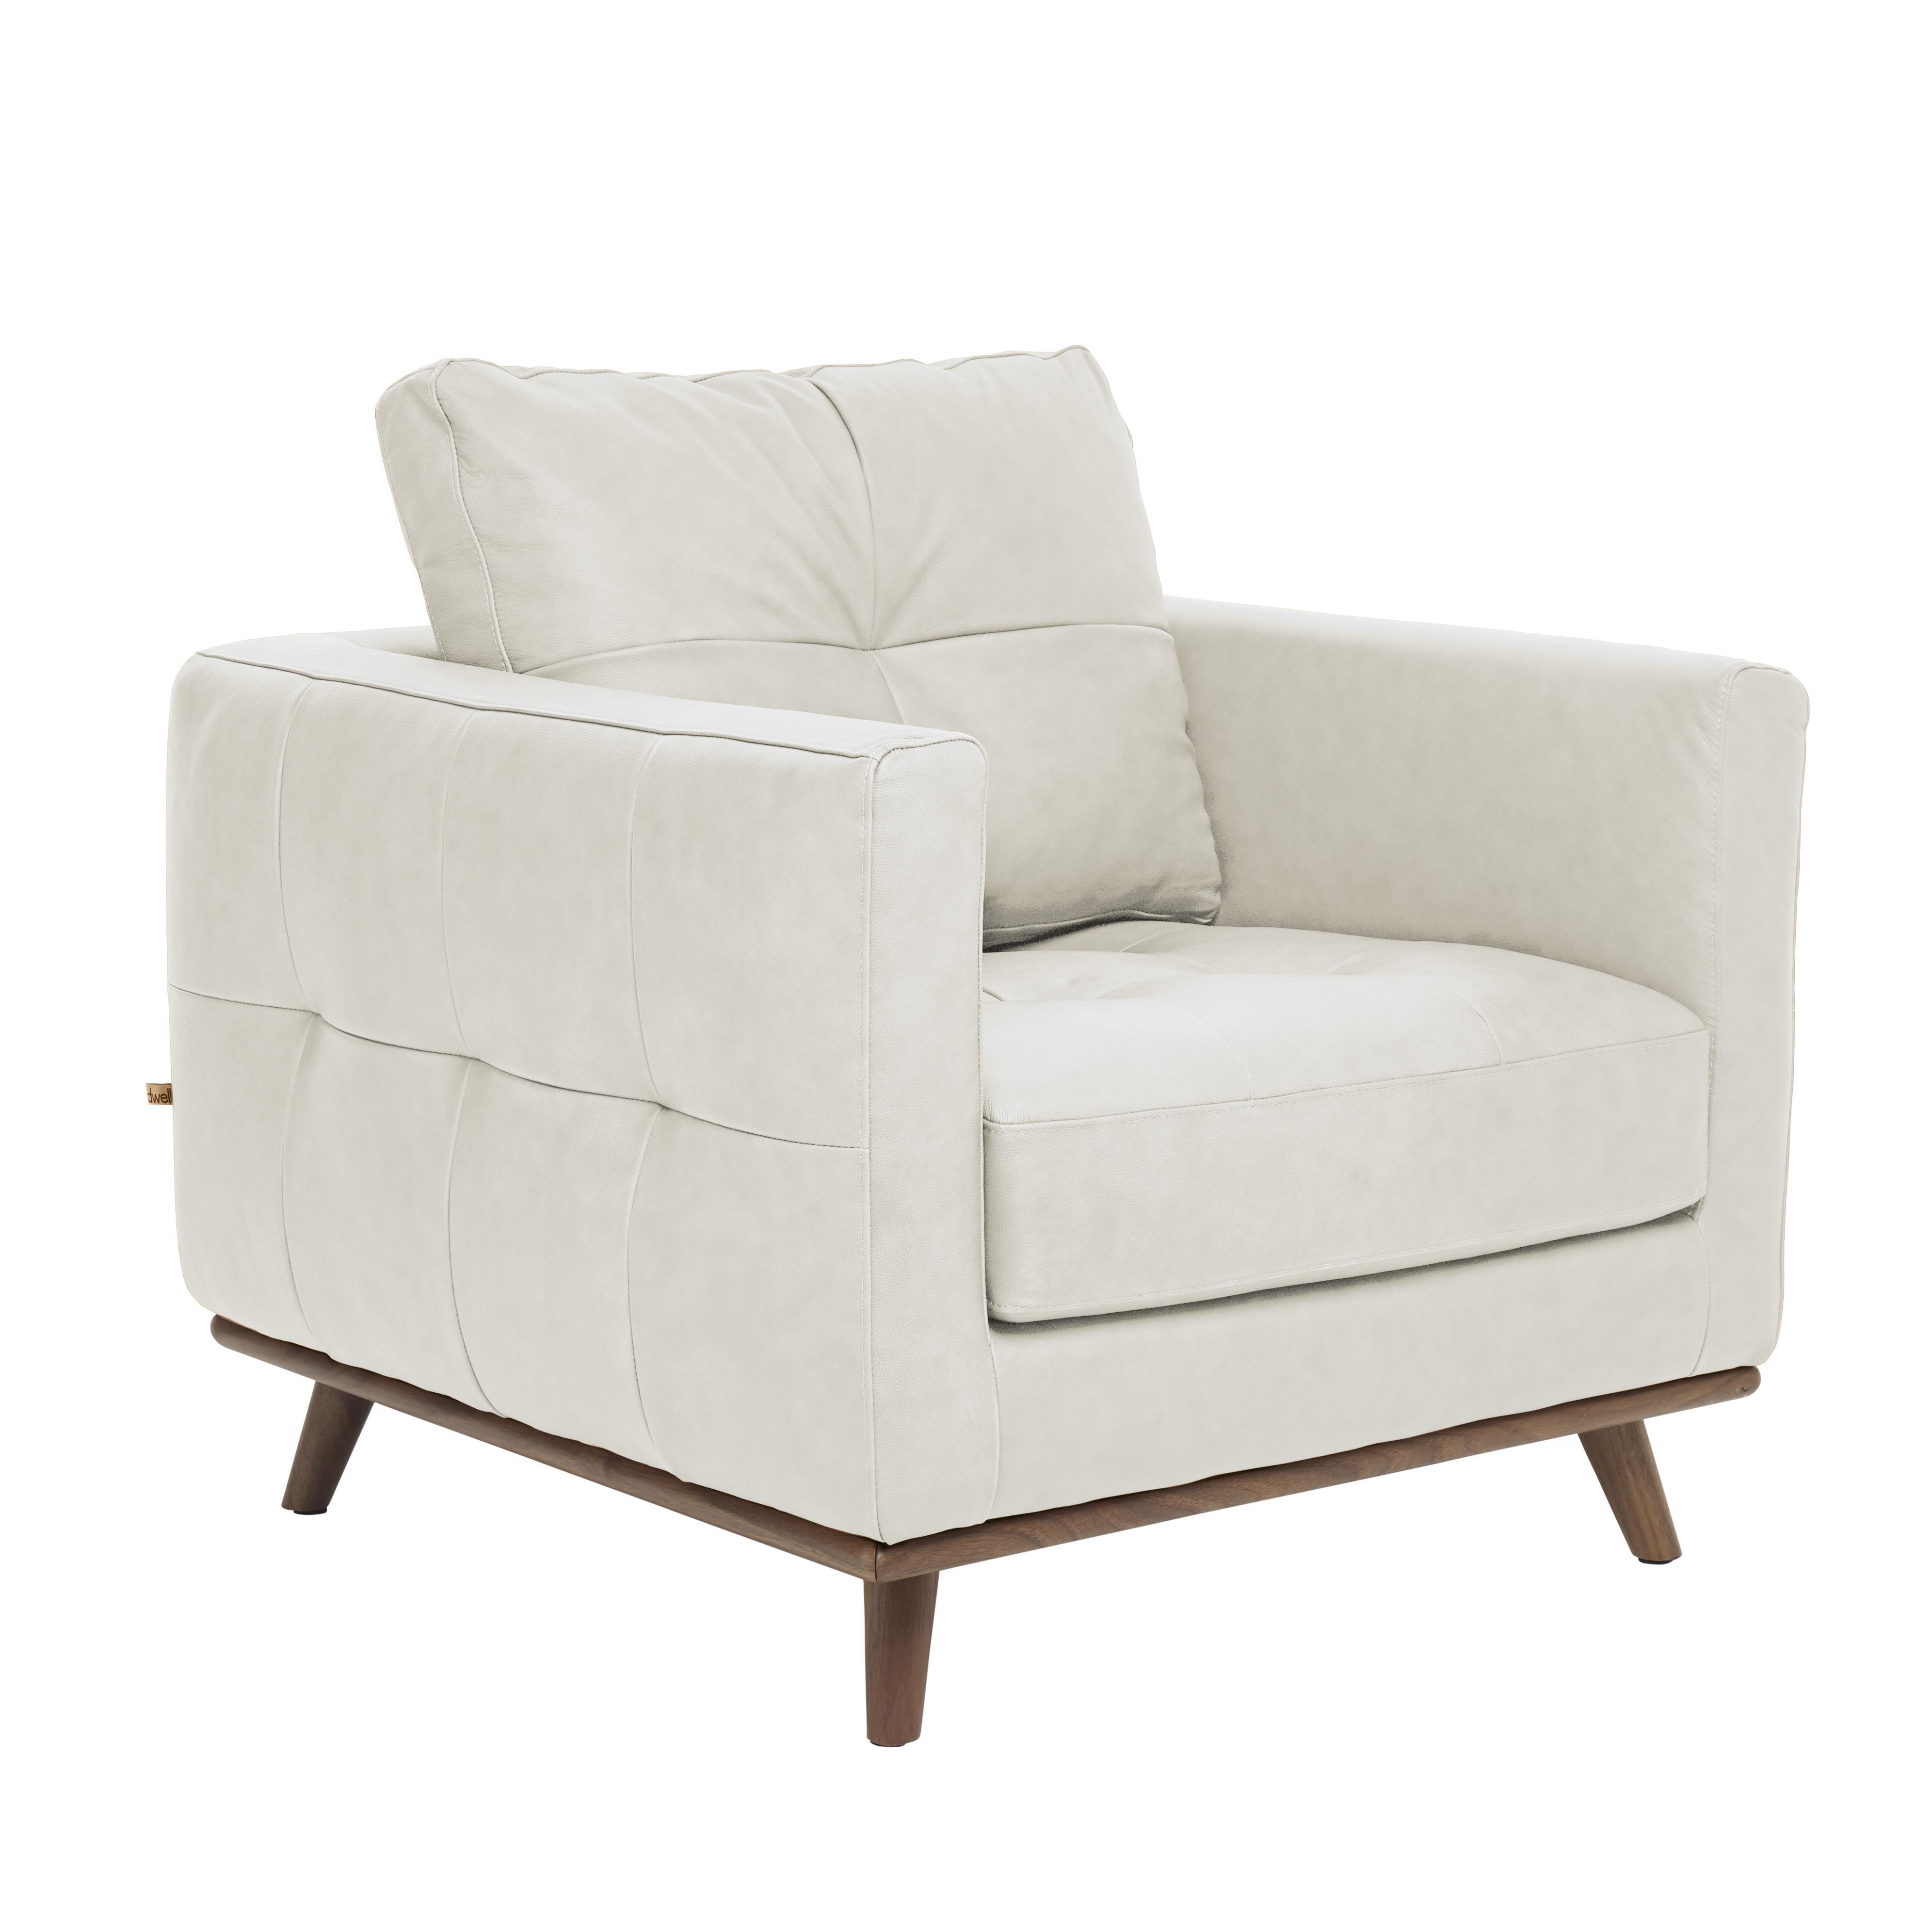 Albi armchair mollis leather chalk white